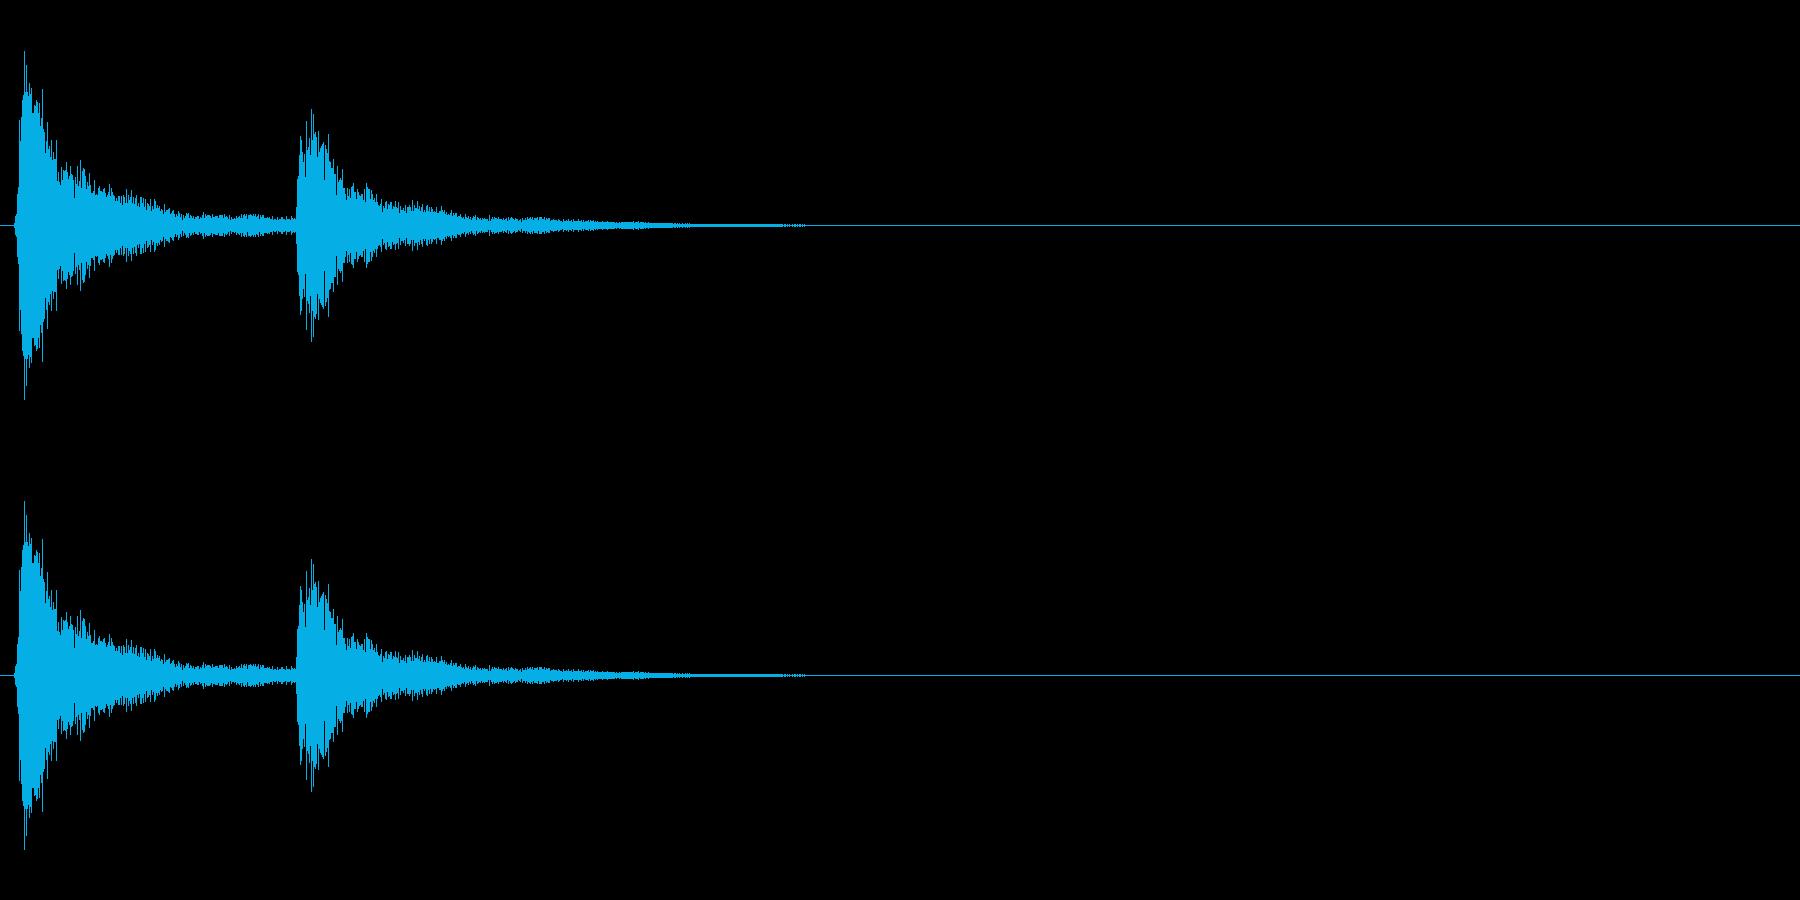 音侍「チチン」お囃子の当たり鉦の連打音の再生済みの波形